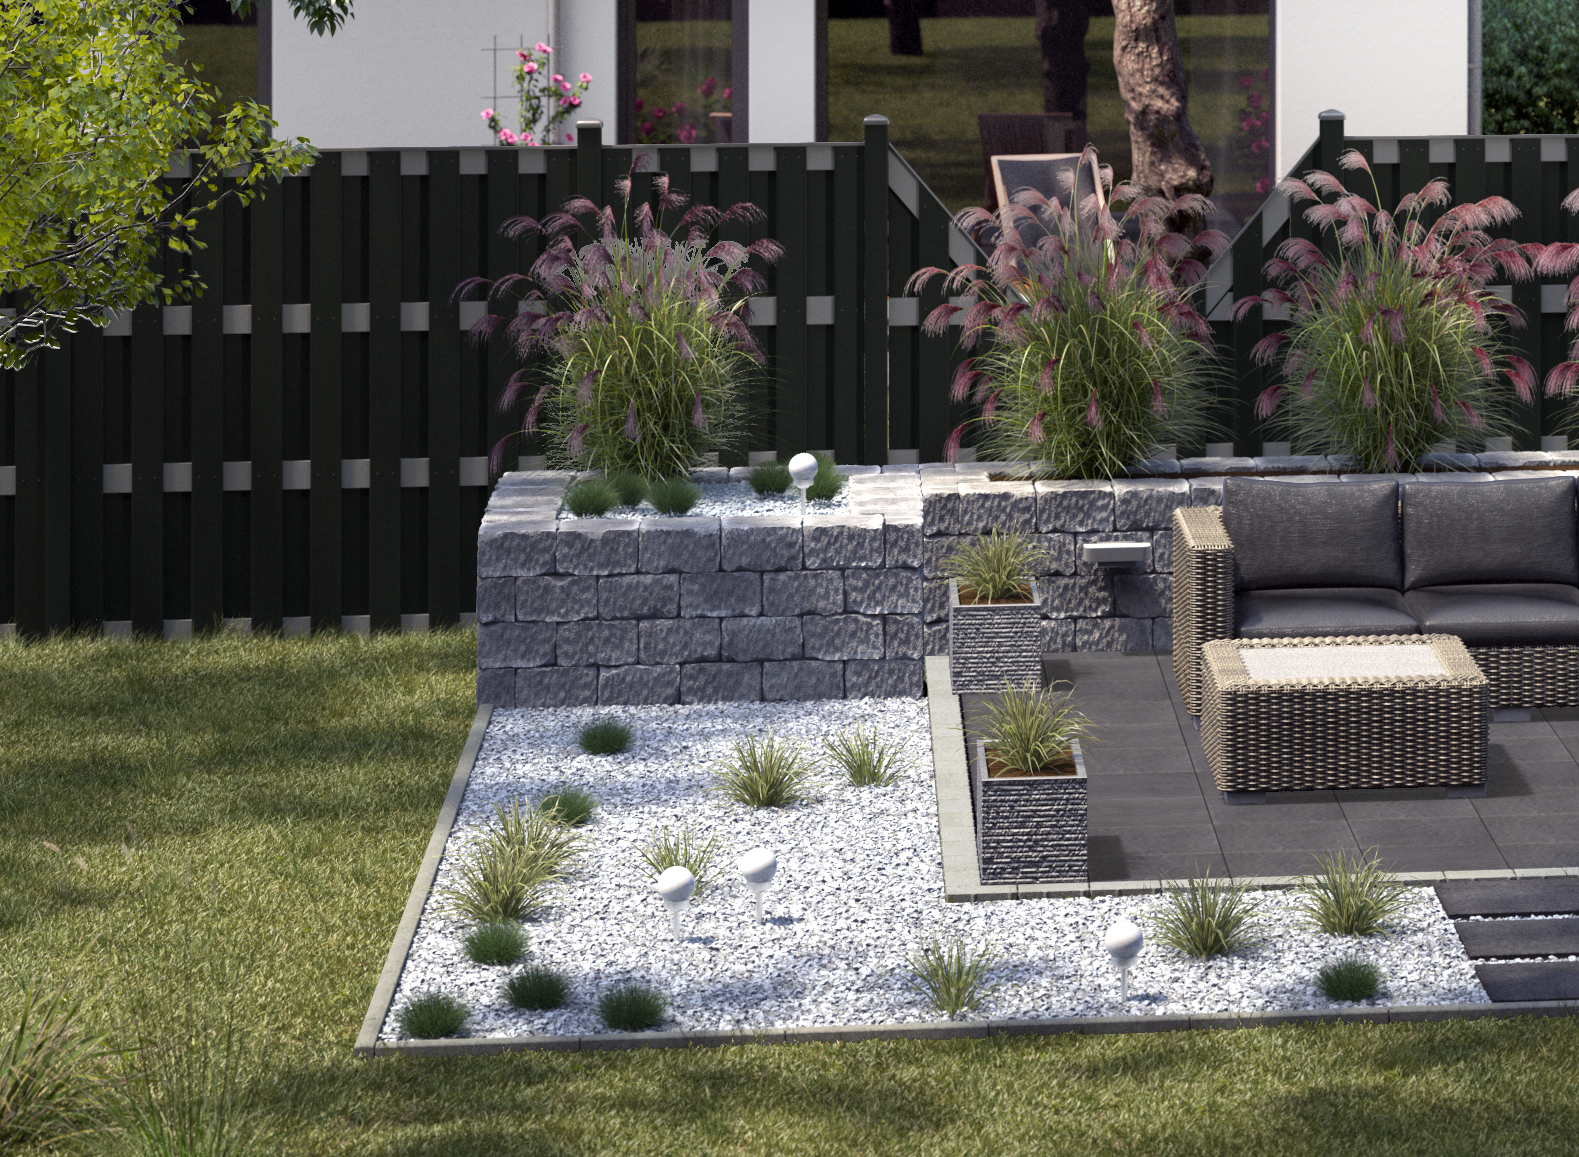 Gartengestaltung Sitzplatz modern DE 1